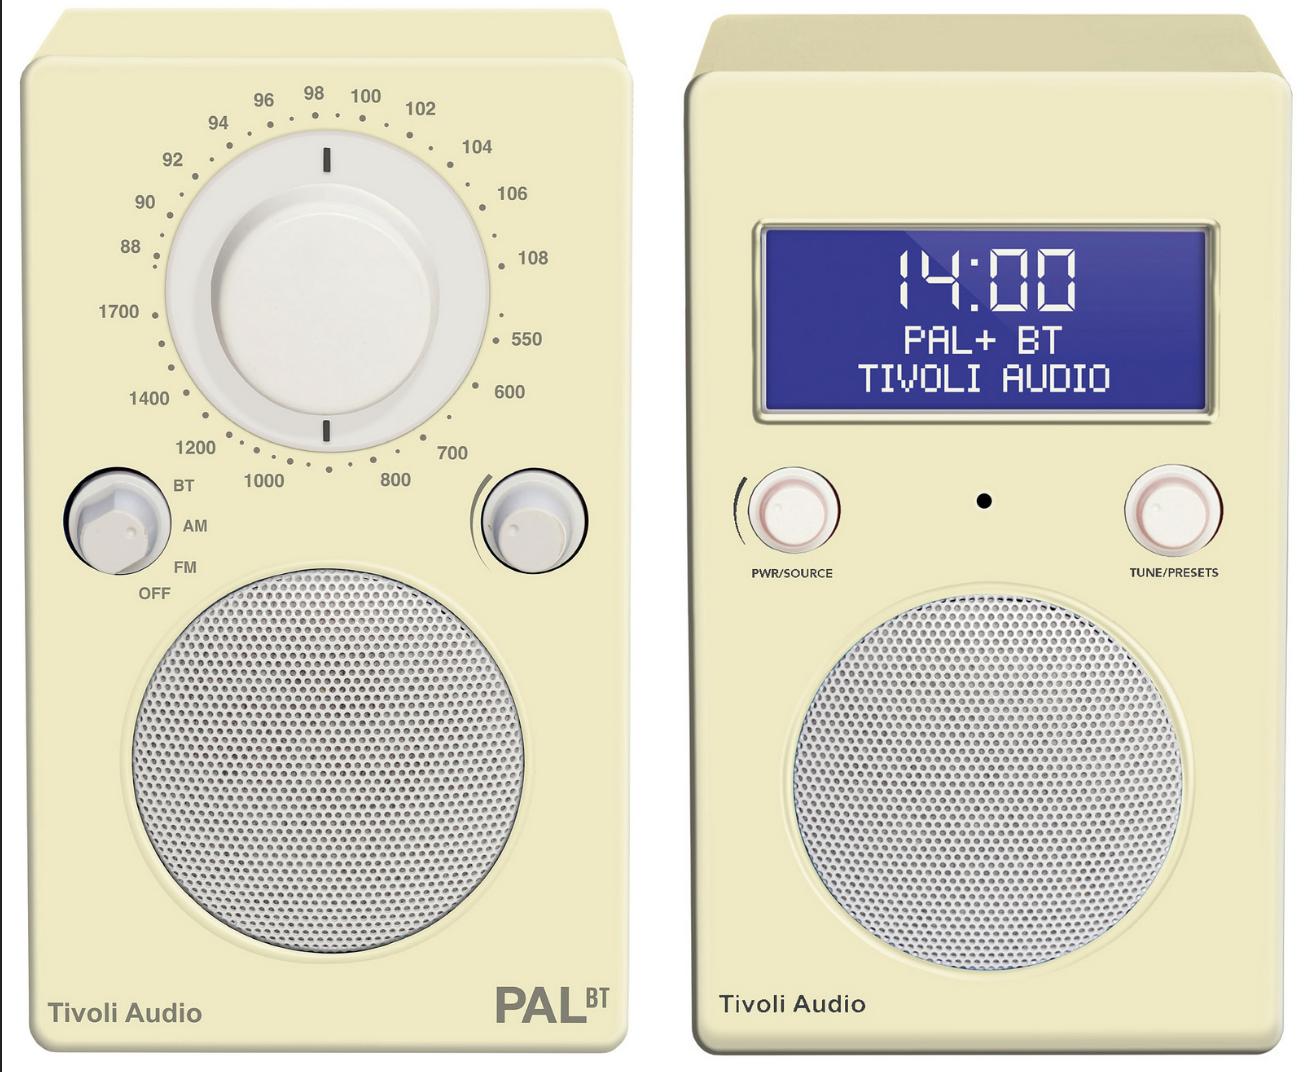 Tivoli Colour Trio: PAL BT & PAL+ BT (DAB)